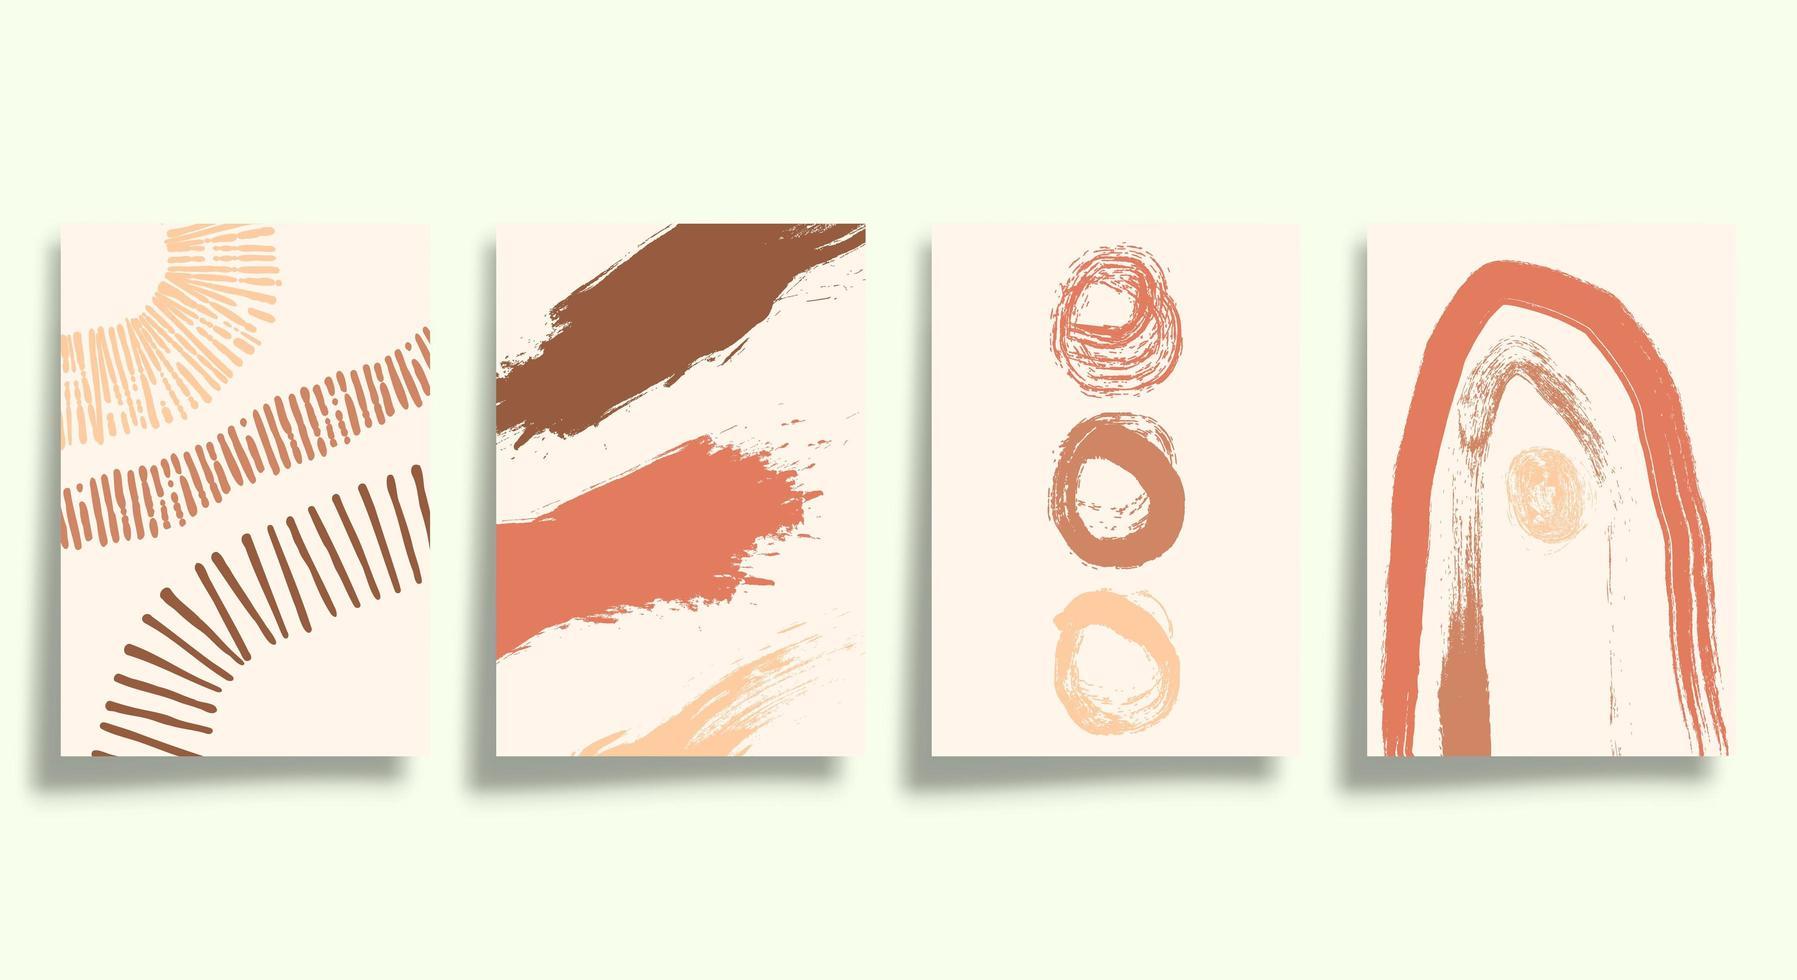 Satz abstrakter minimalistischer Typografie Satz vektor